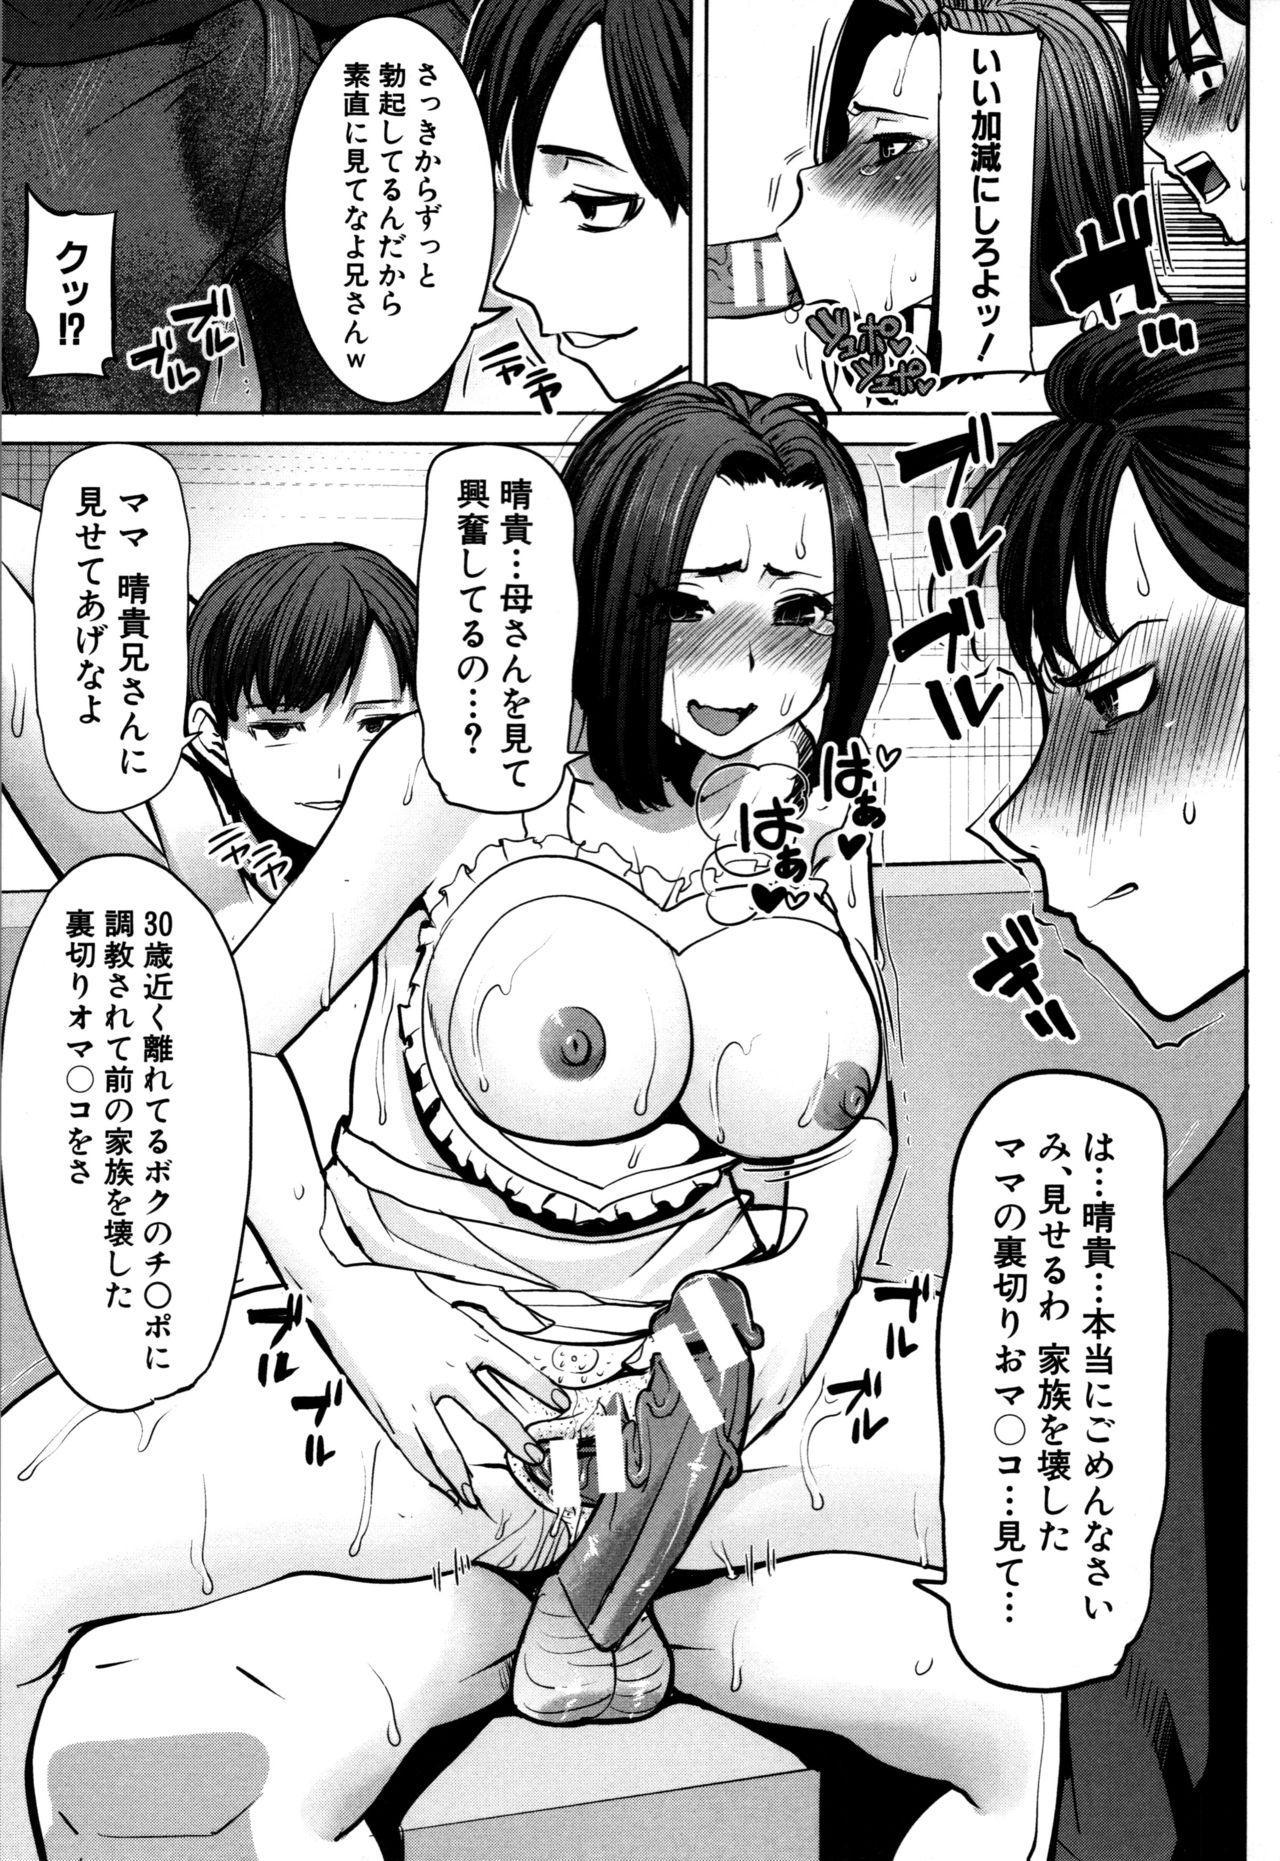 Unsweet - Asahina Ikka Netorareta Haha · Tomoko 162